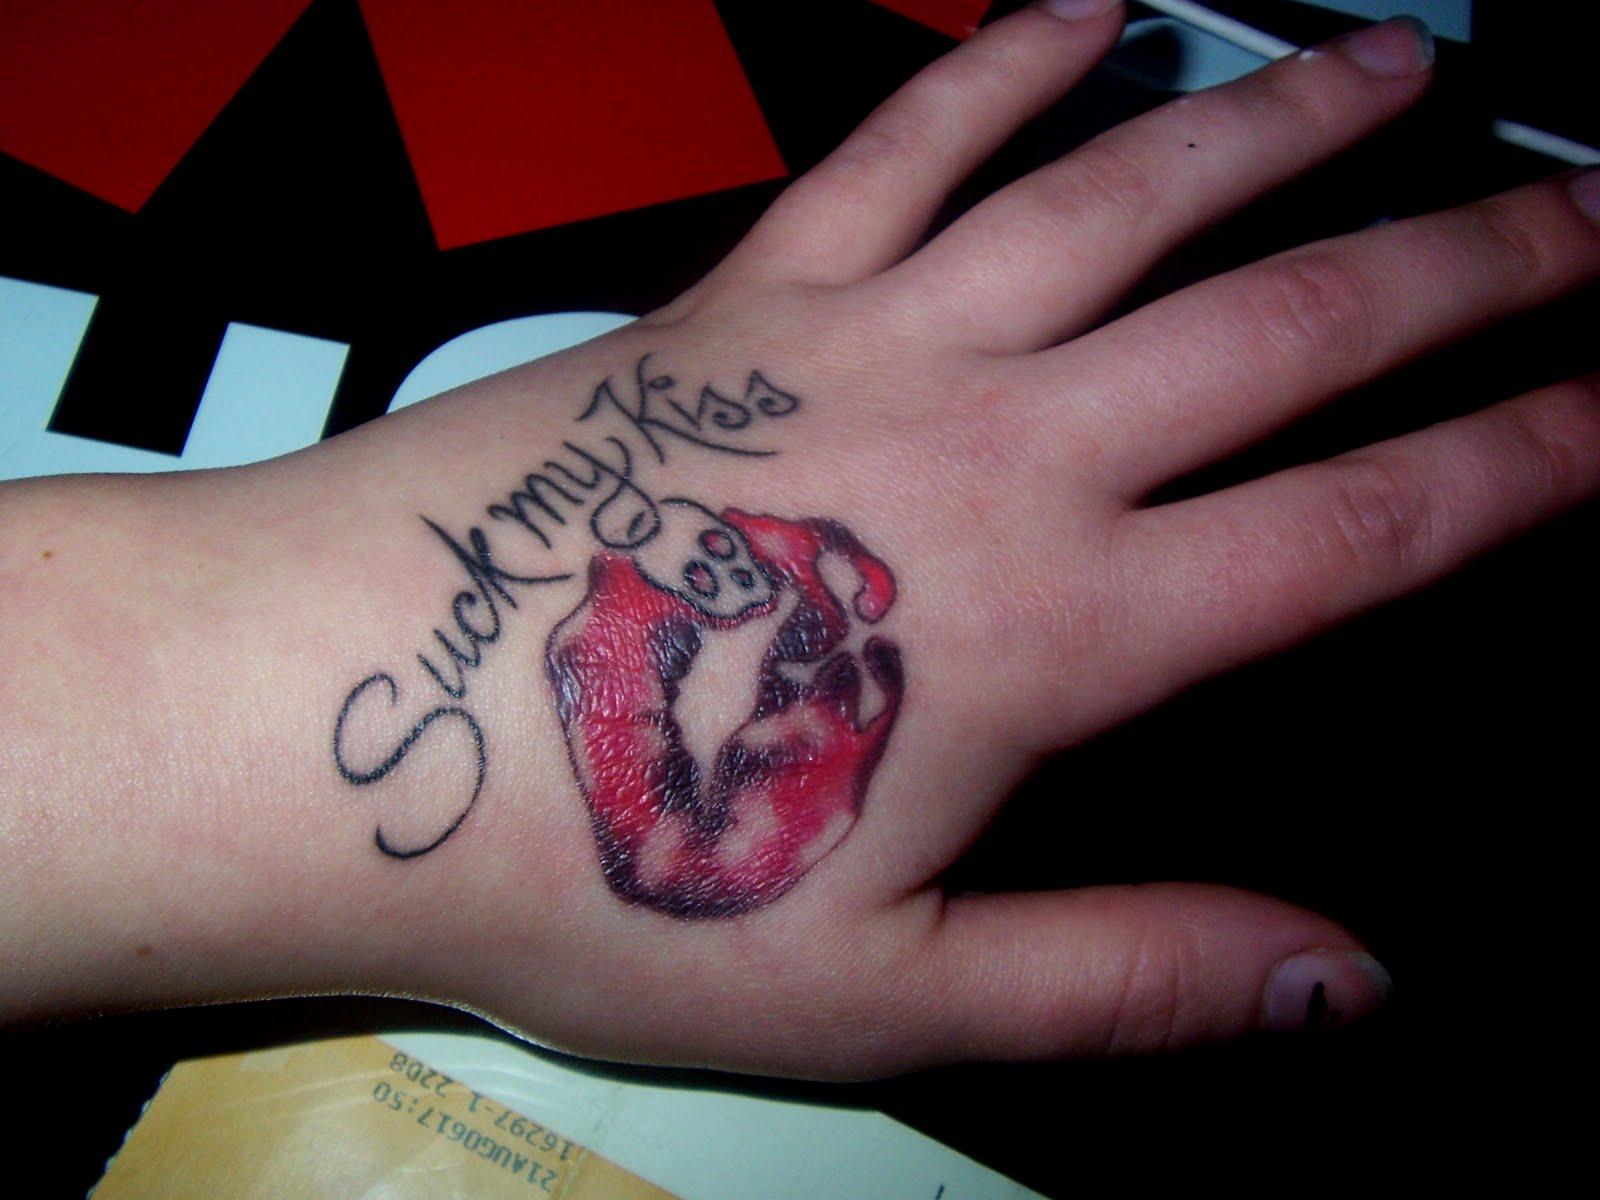 tatuering på handen